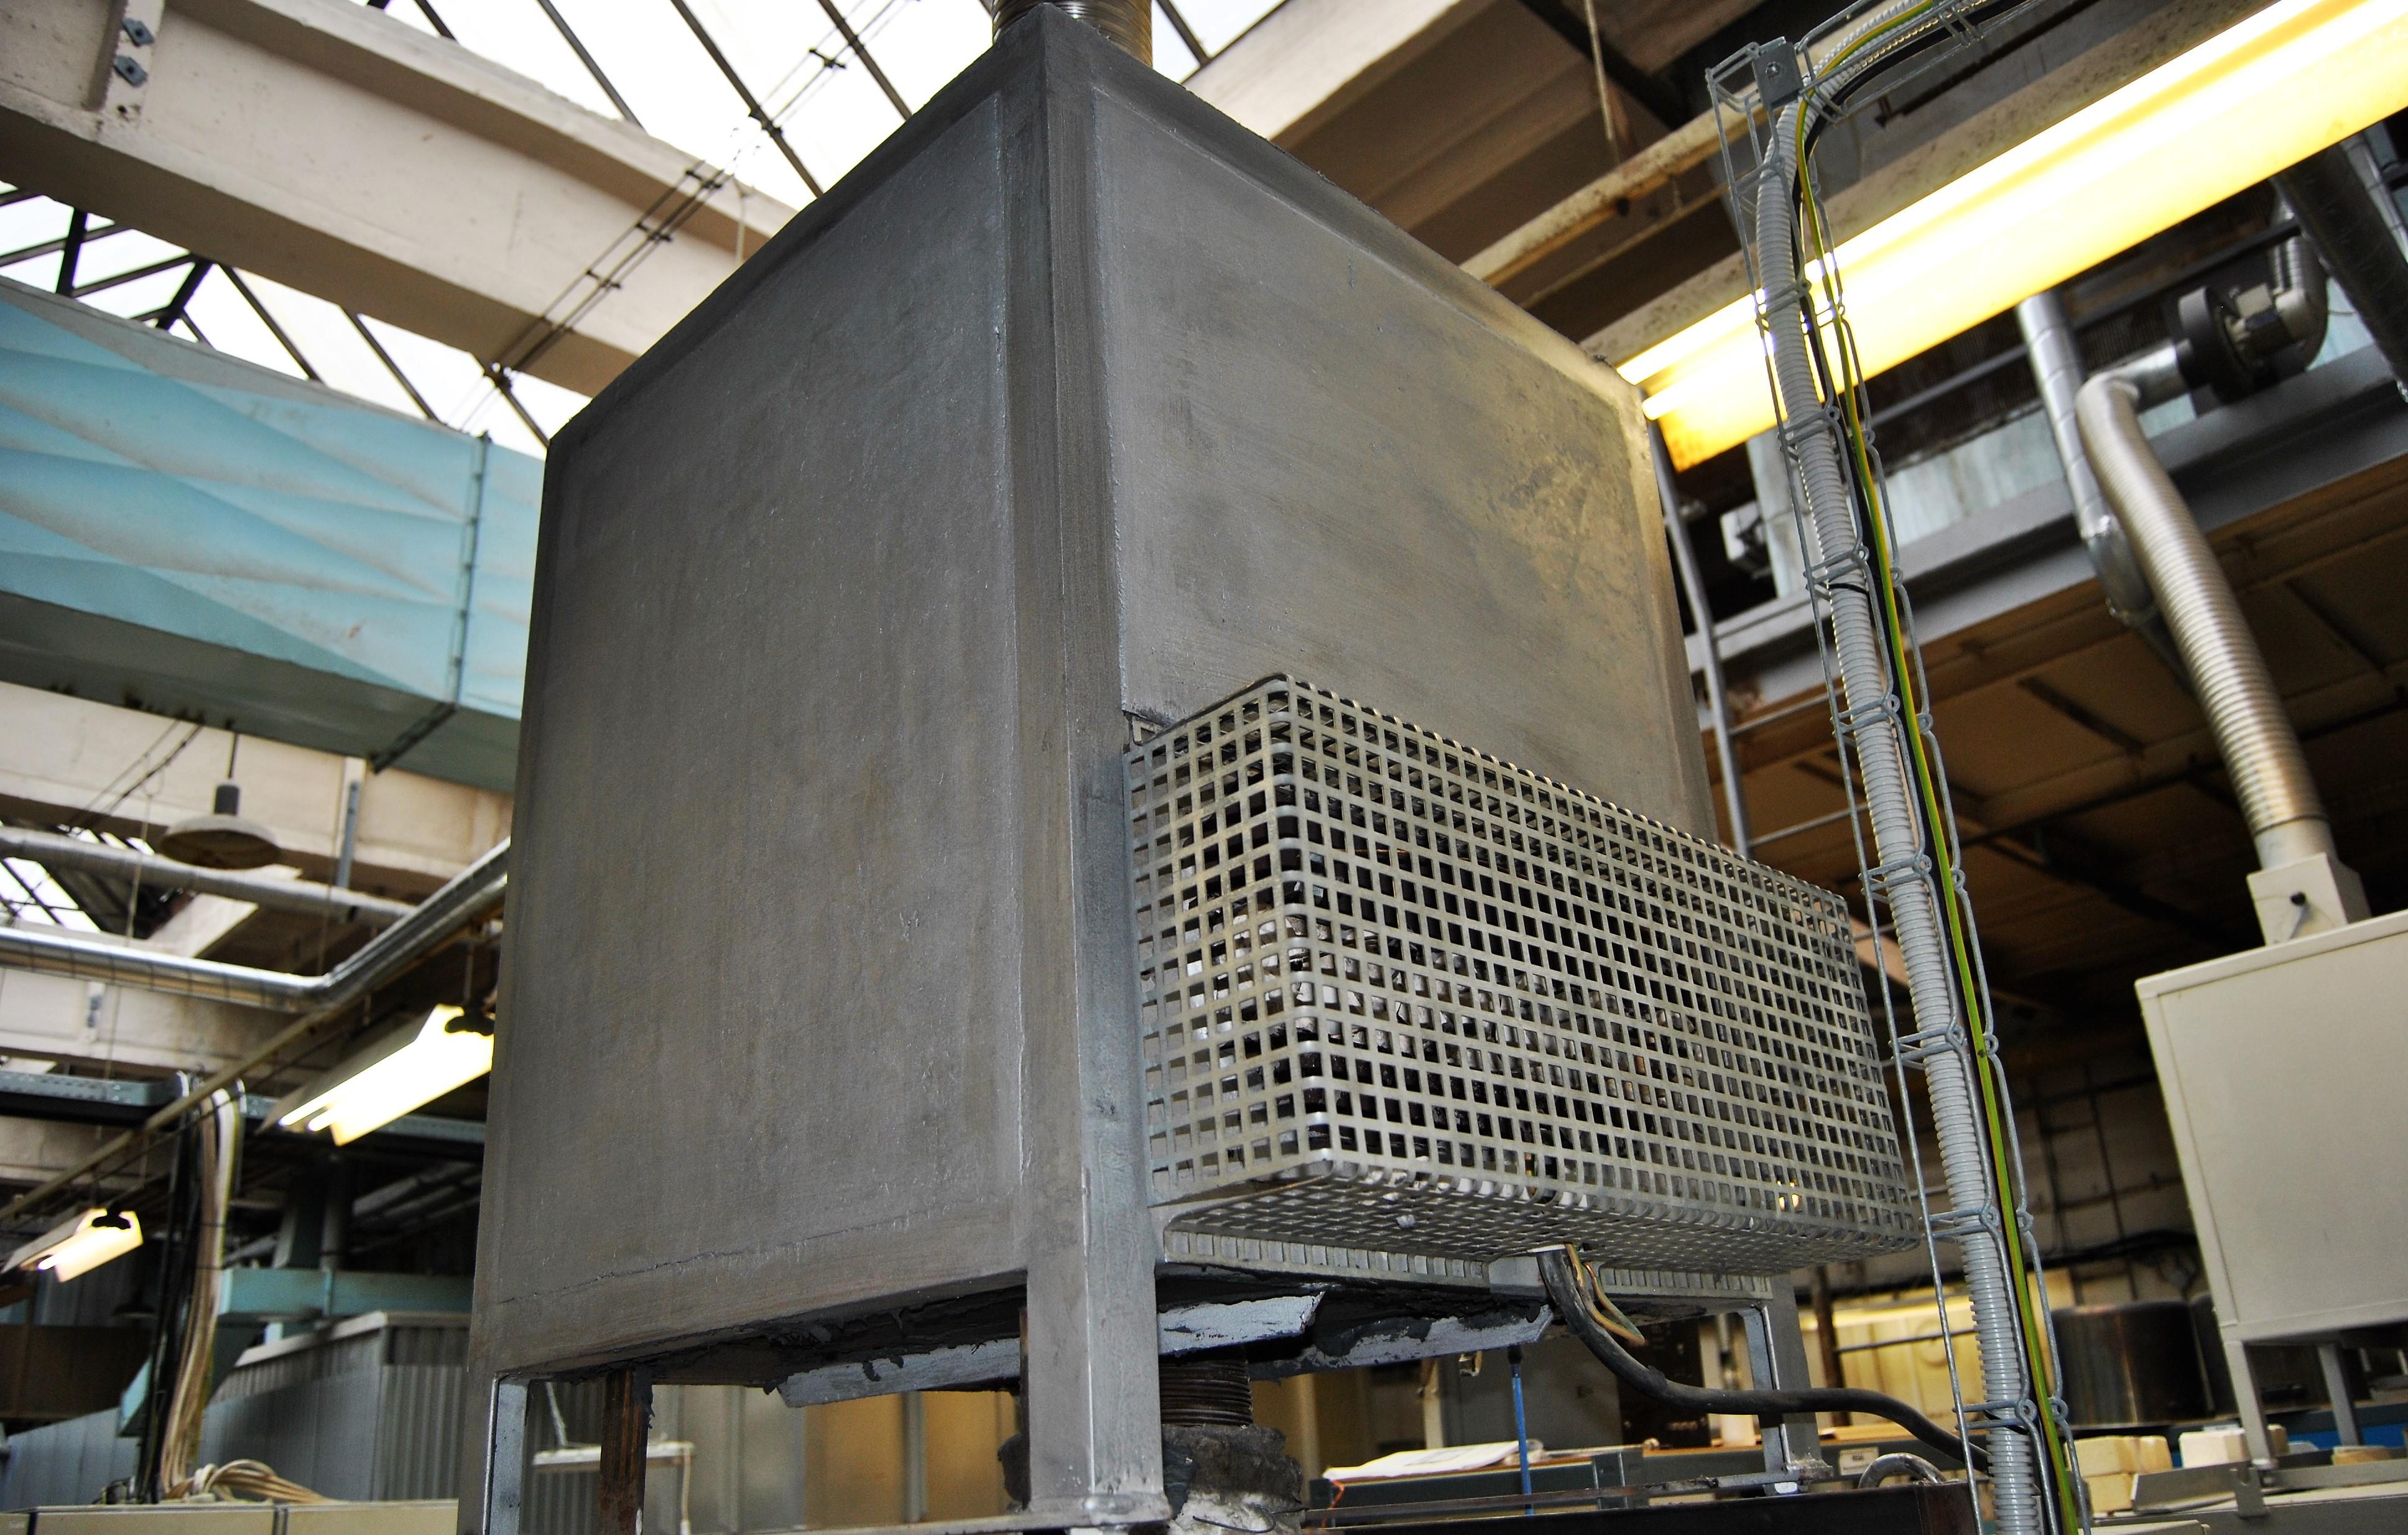 Snížení povrchové teploty katalyzátoru na vypalovací peci